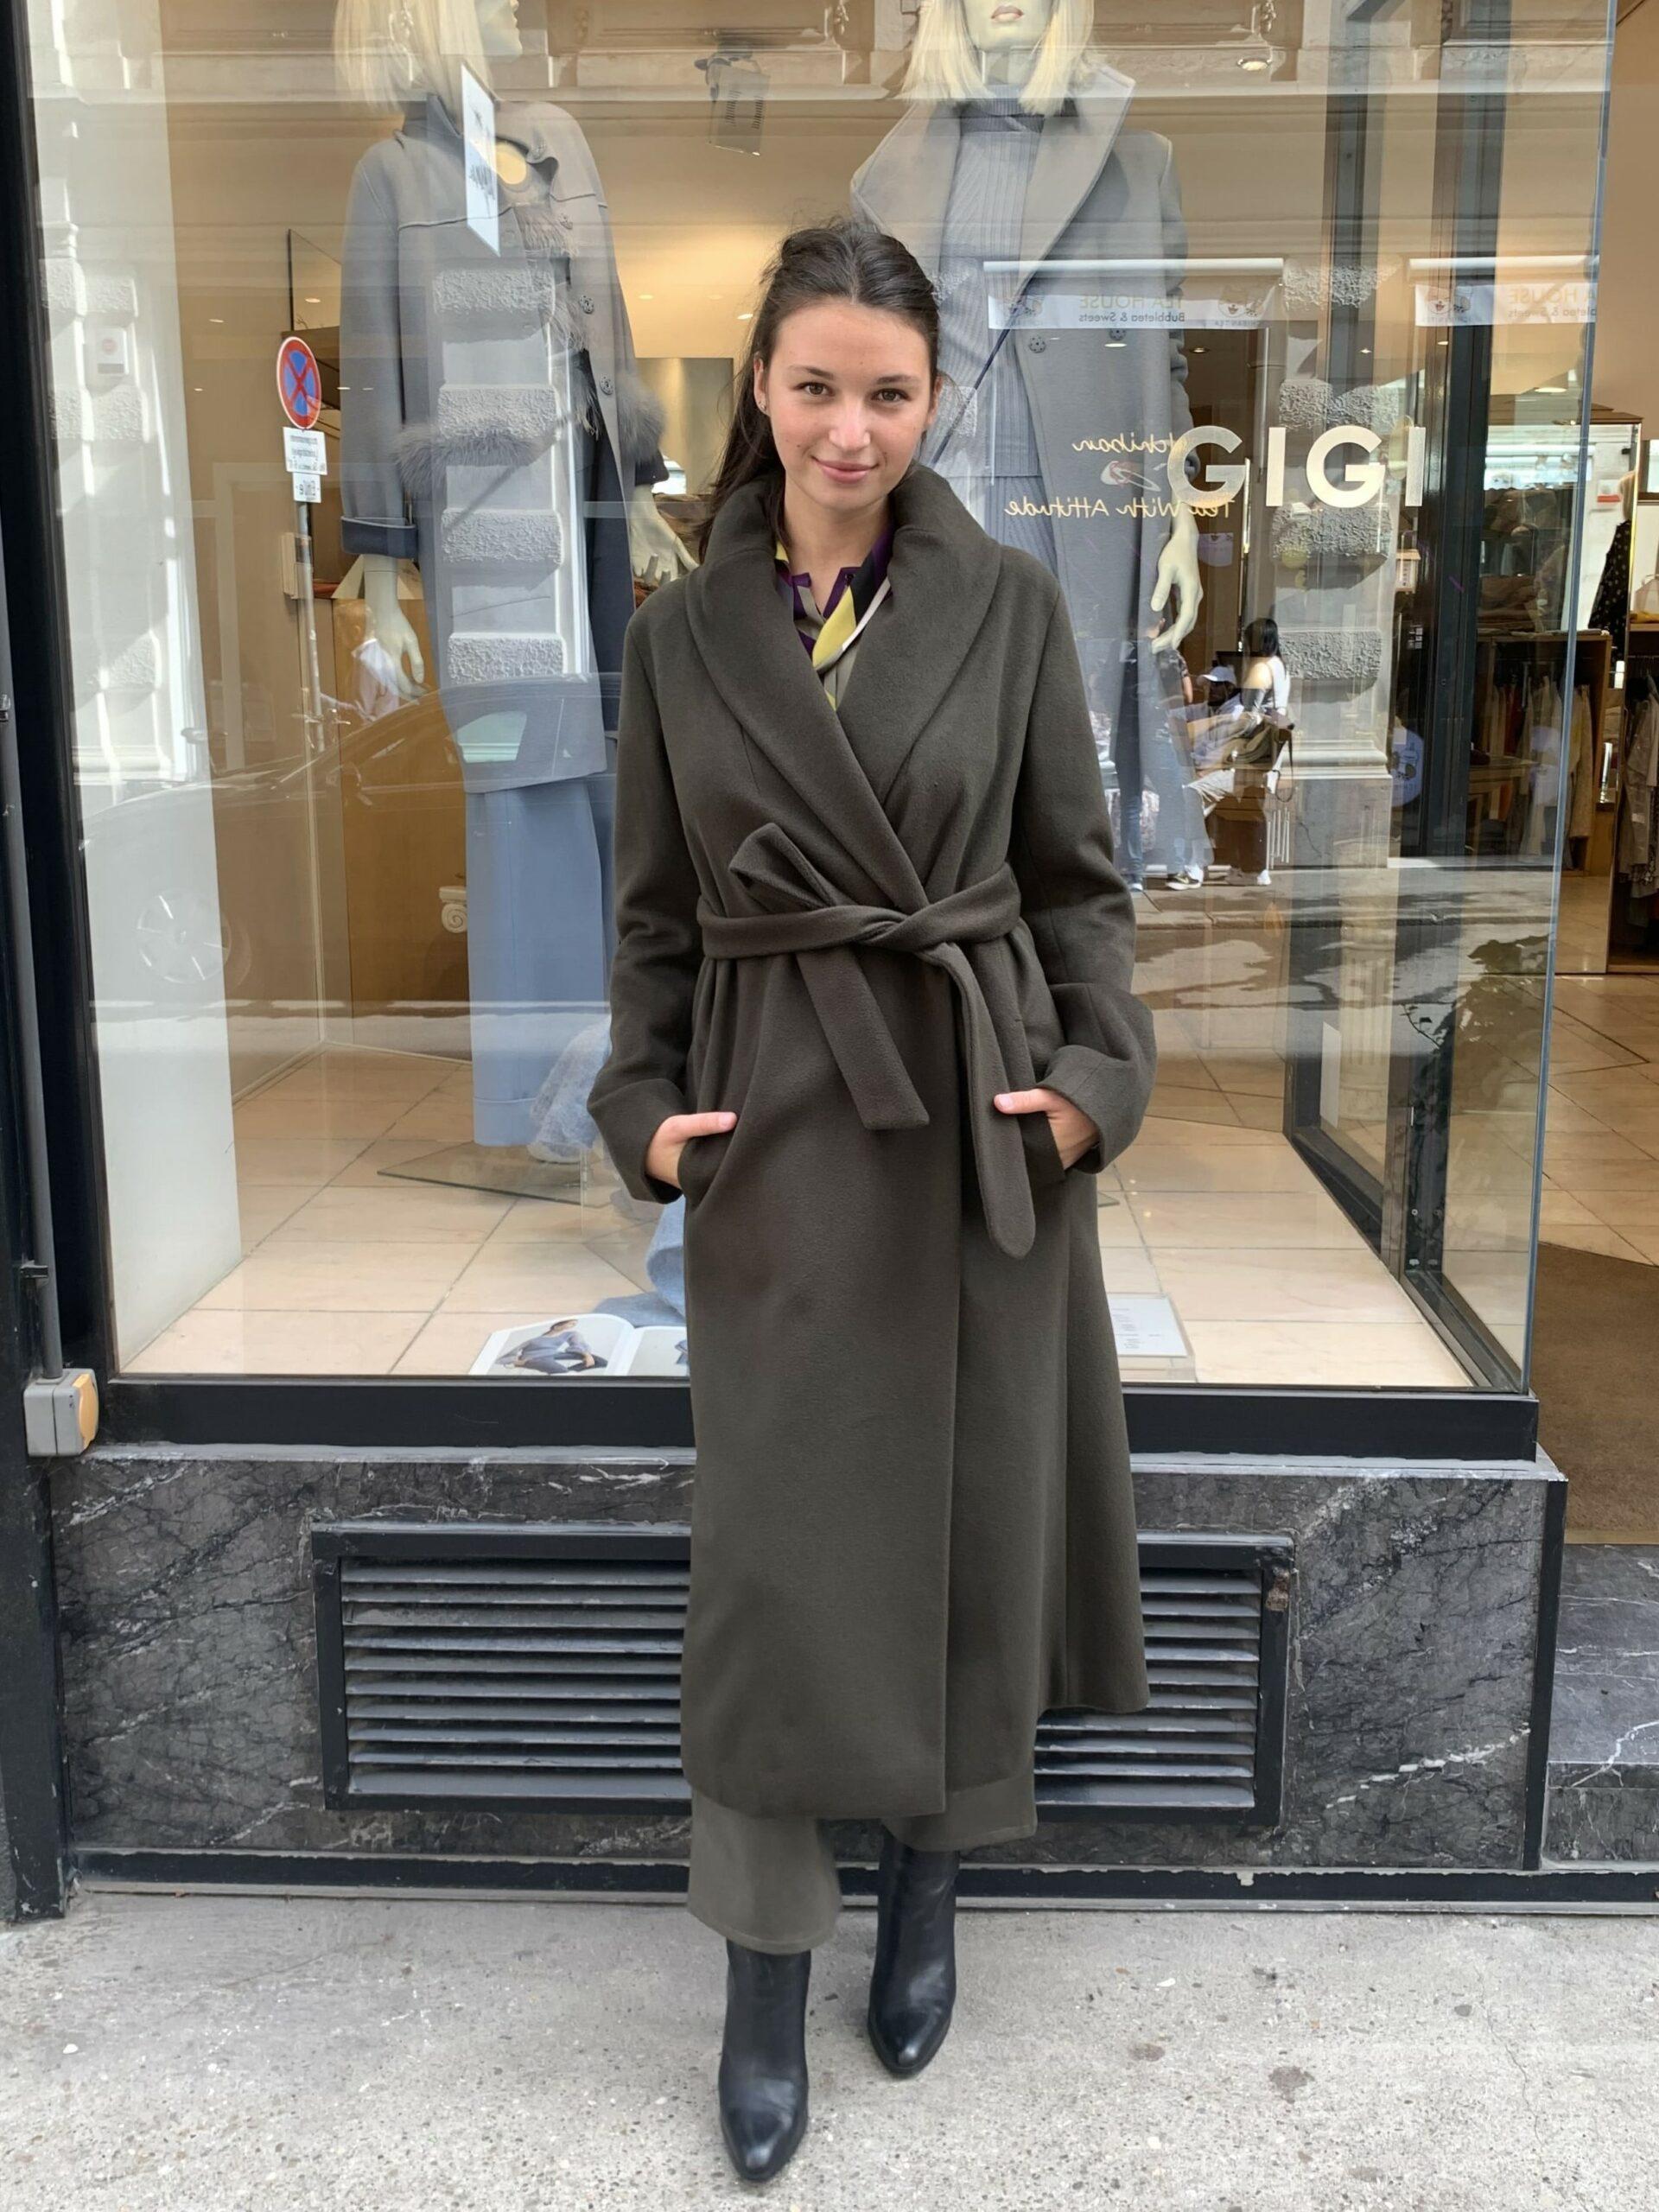 Eleganter dunkelgrüner Mantel aus Kaschmir-Wolle Mix mit einem drapierten Kragen und schmaler Silhouette. Die Taille wird mit einen Gürtel in gleichem Material und gleicher Farbe betont. Der Mantel wird mit einem sichtbaren und einem versteckten Knopf geschlossen.